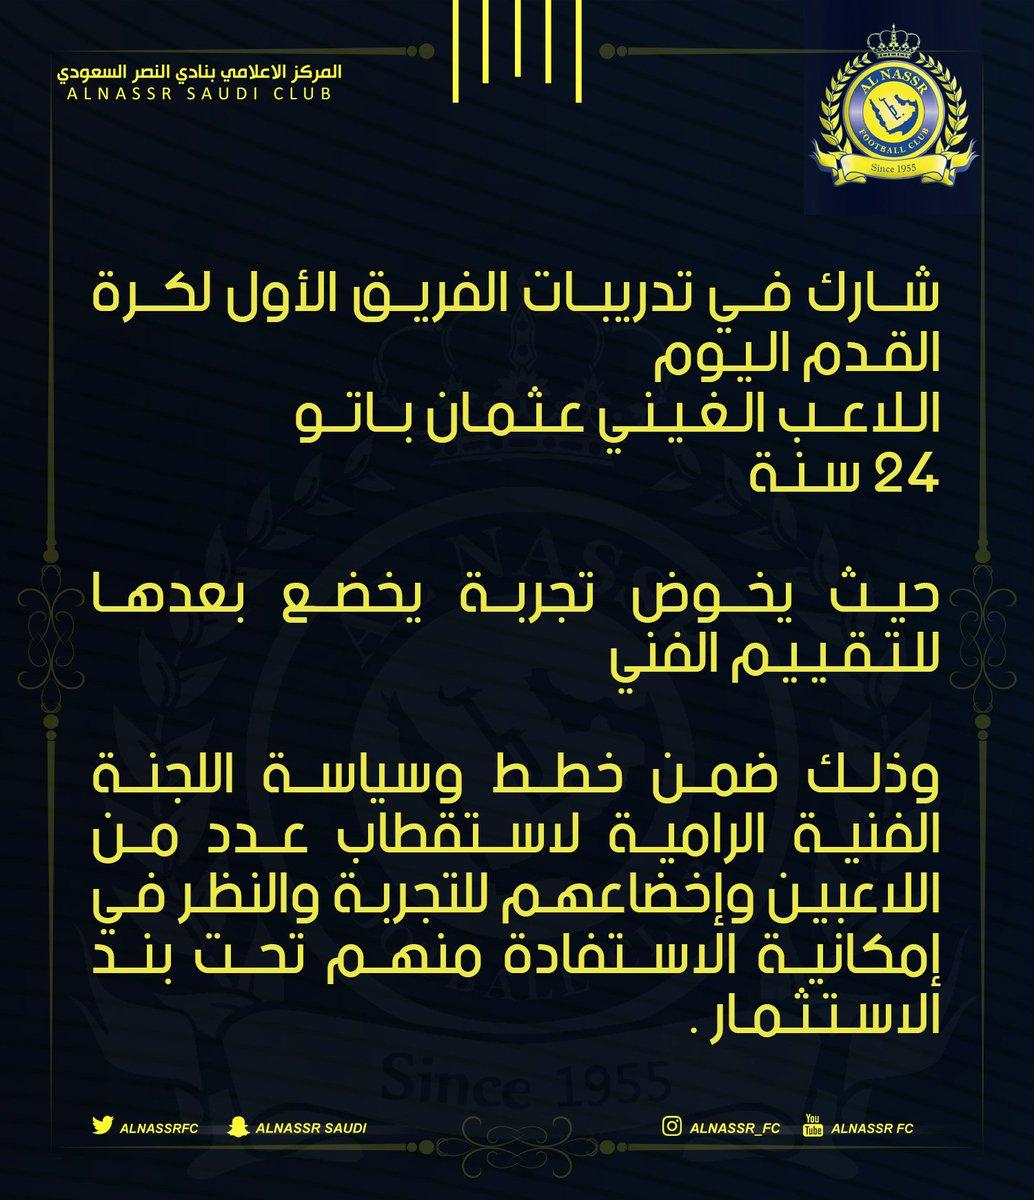 الغيني عثمان باتو يخضع للتجربة في #النصر...